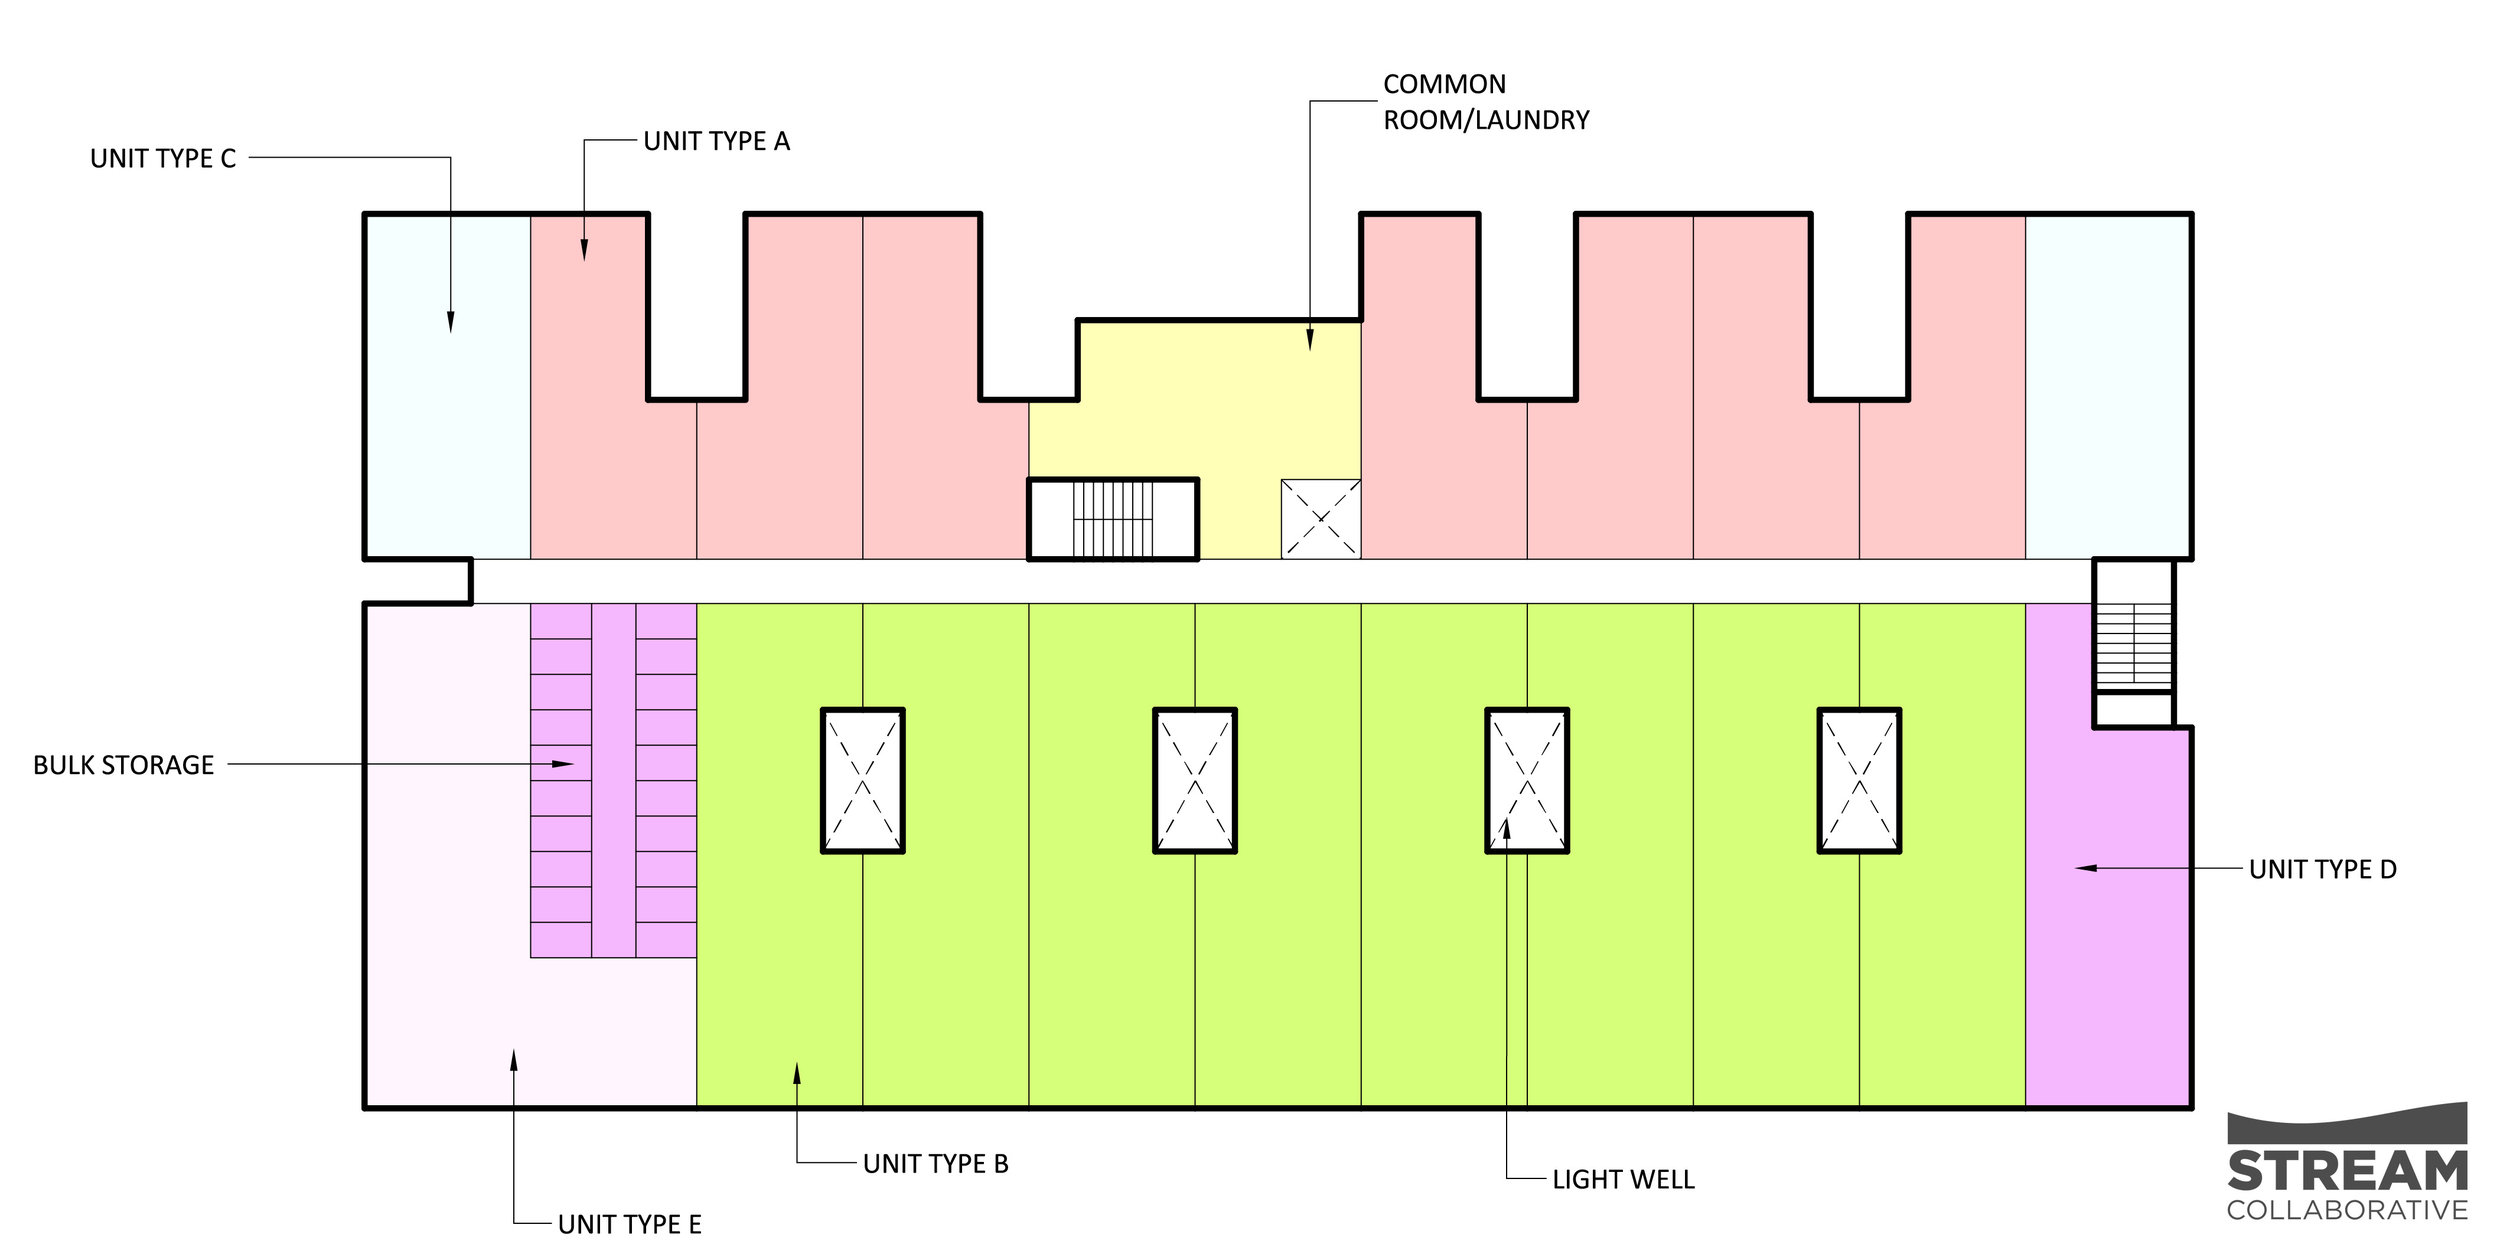 FLOORS 3 THROUGH 5 PLAN